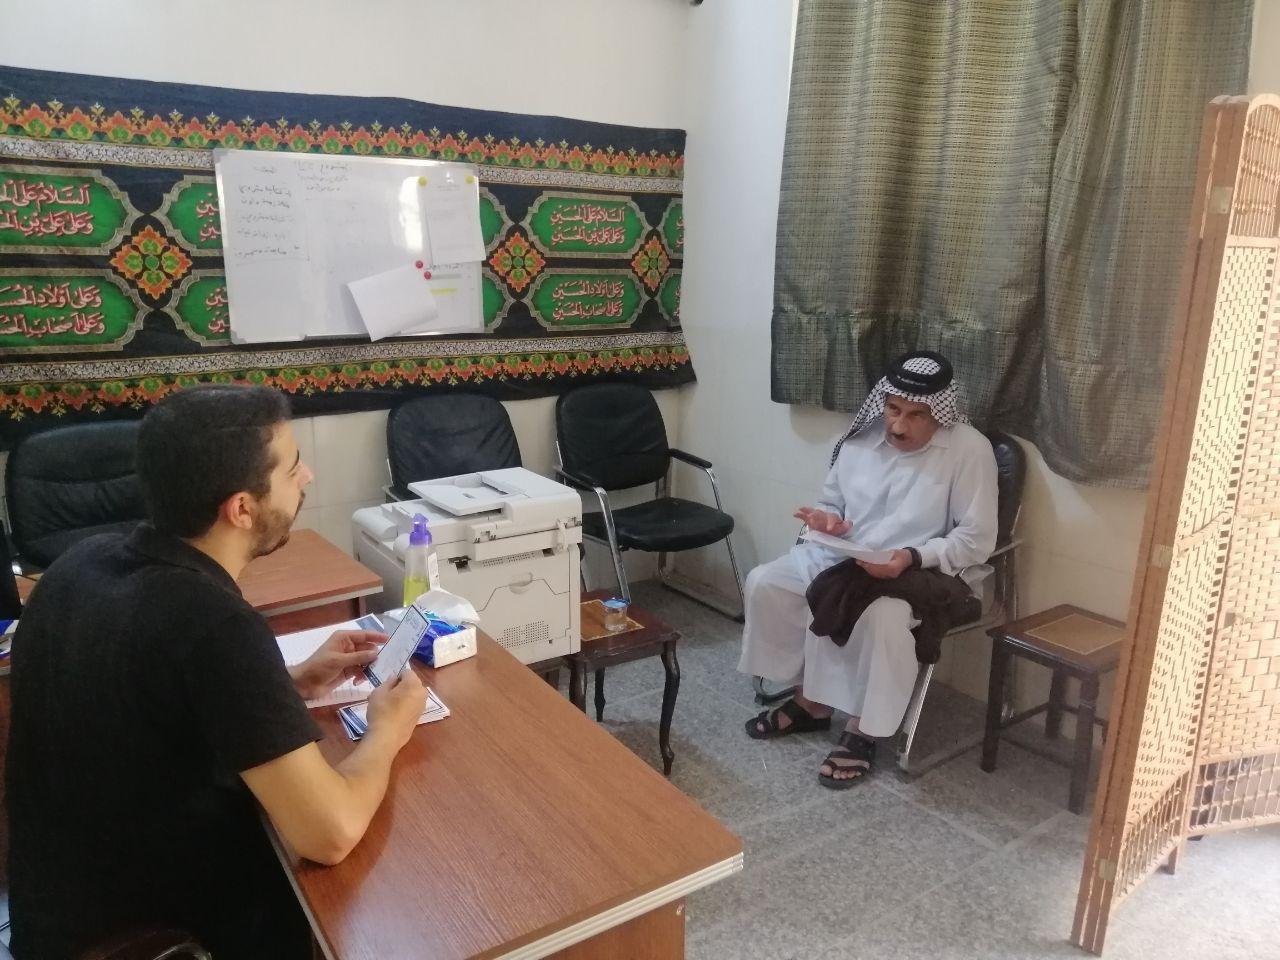 صورة مؤسسة مصباح الحسين عليه السلام في كربلاء المقدسة توزع اللحوم للعوائل المحتاجة